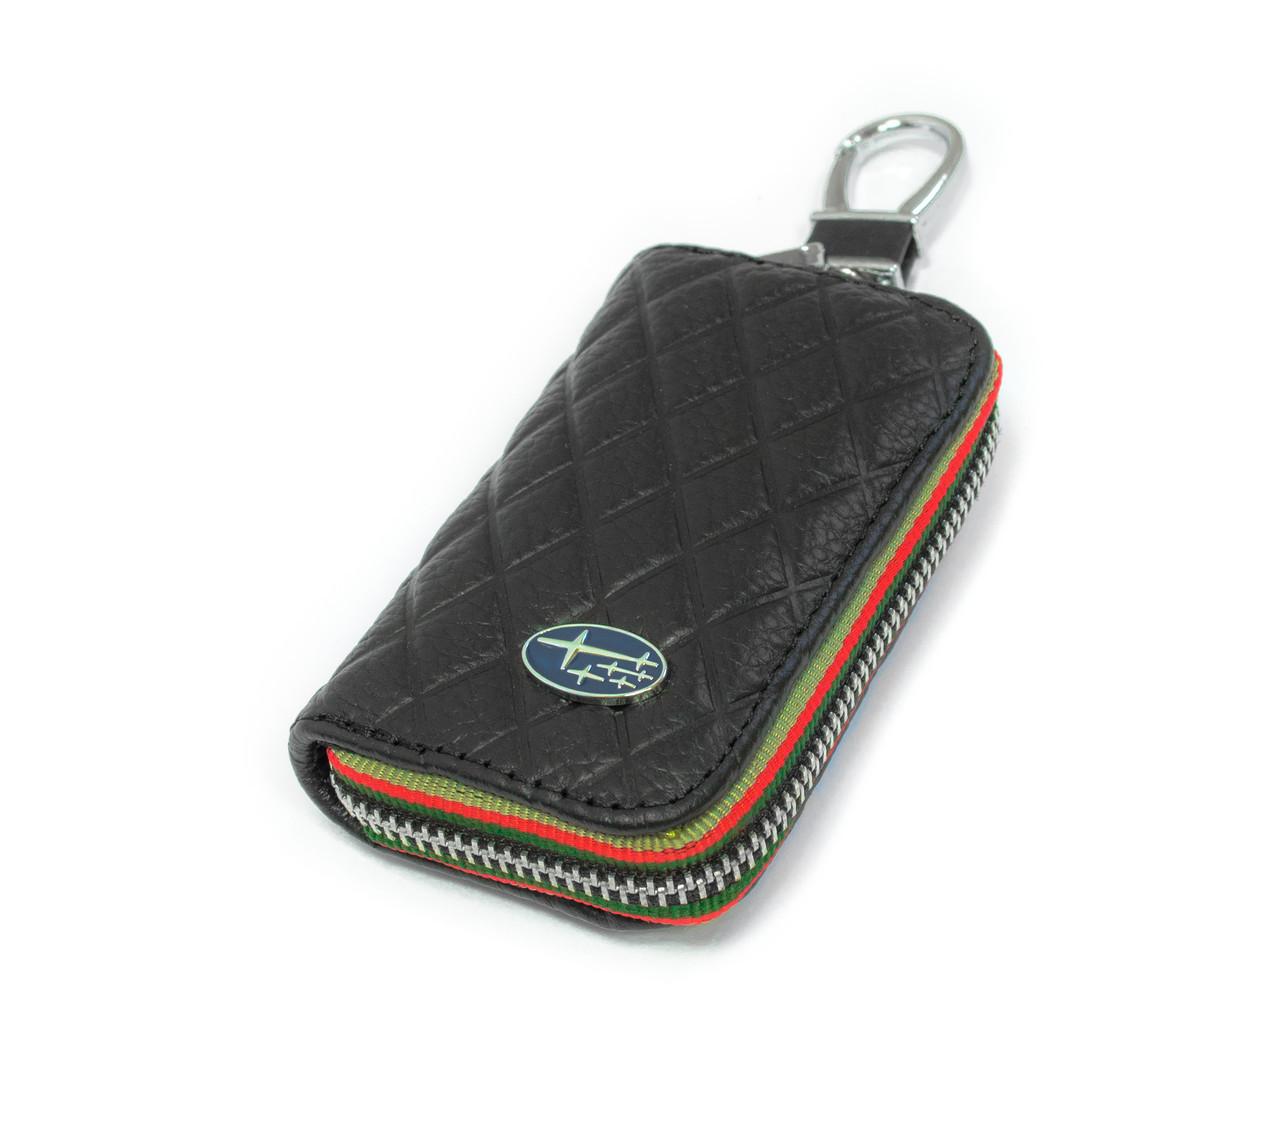 Ключниця Carss з логотипом SUBARU 21009 чорна